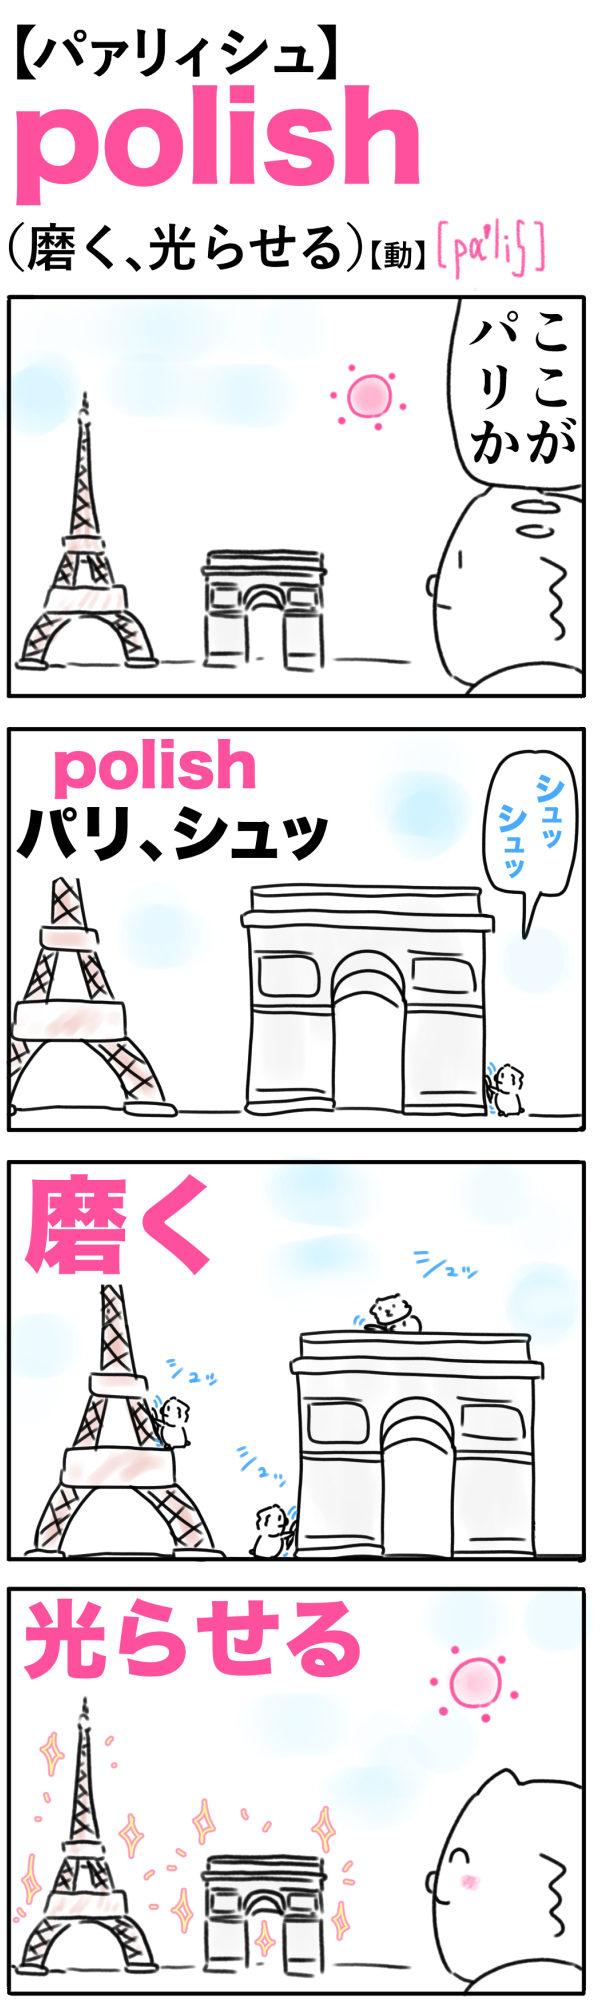 polish(磨く、光らせる)の語呂合わせ英単語